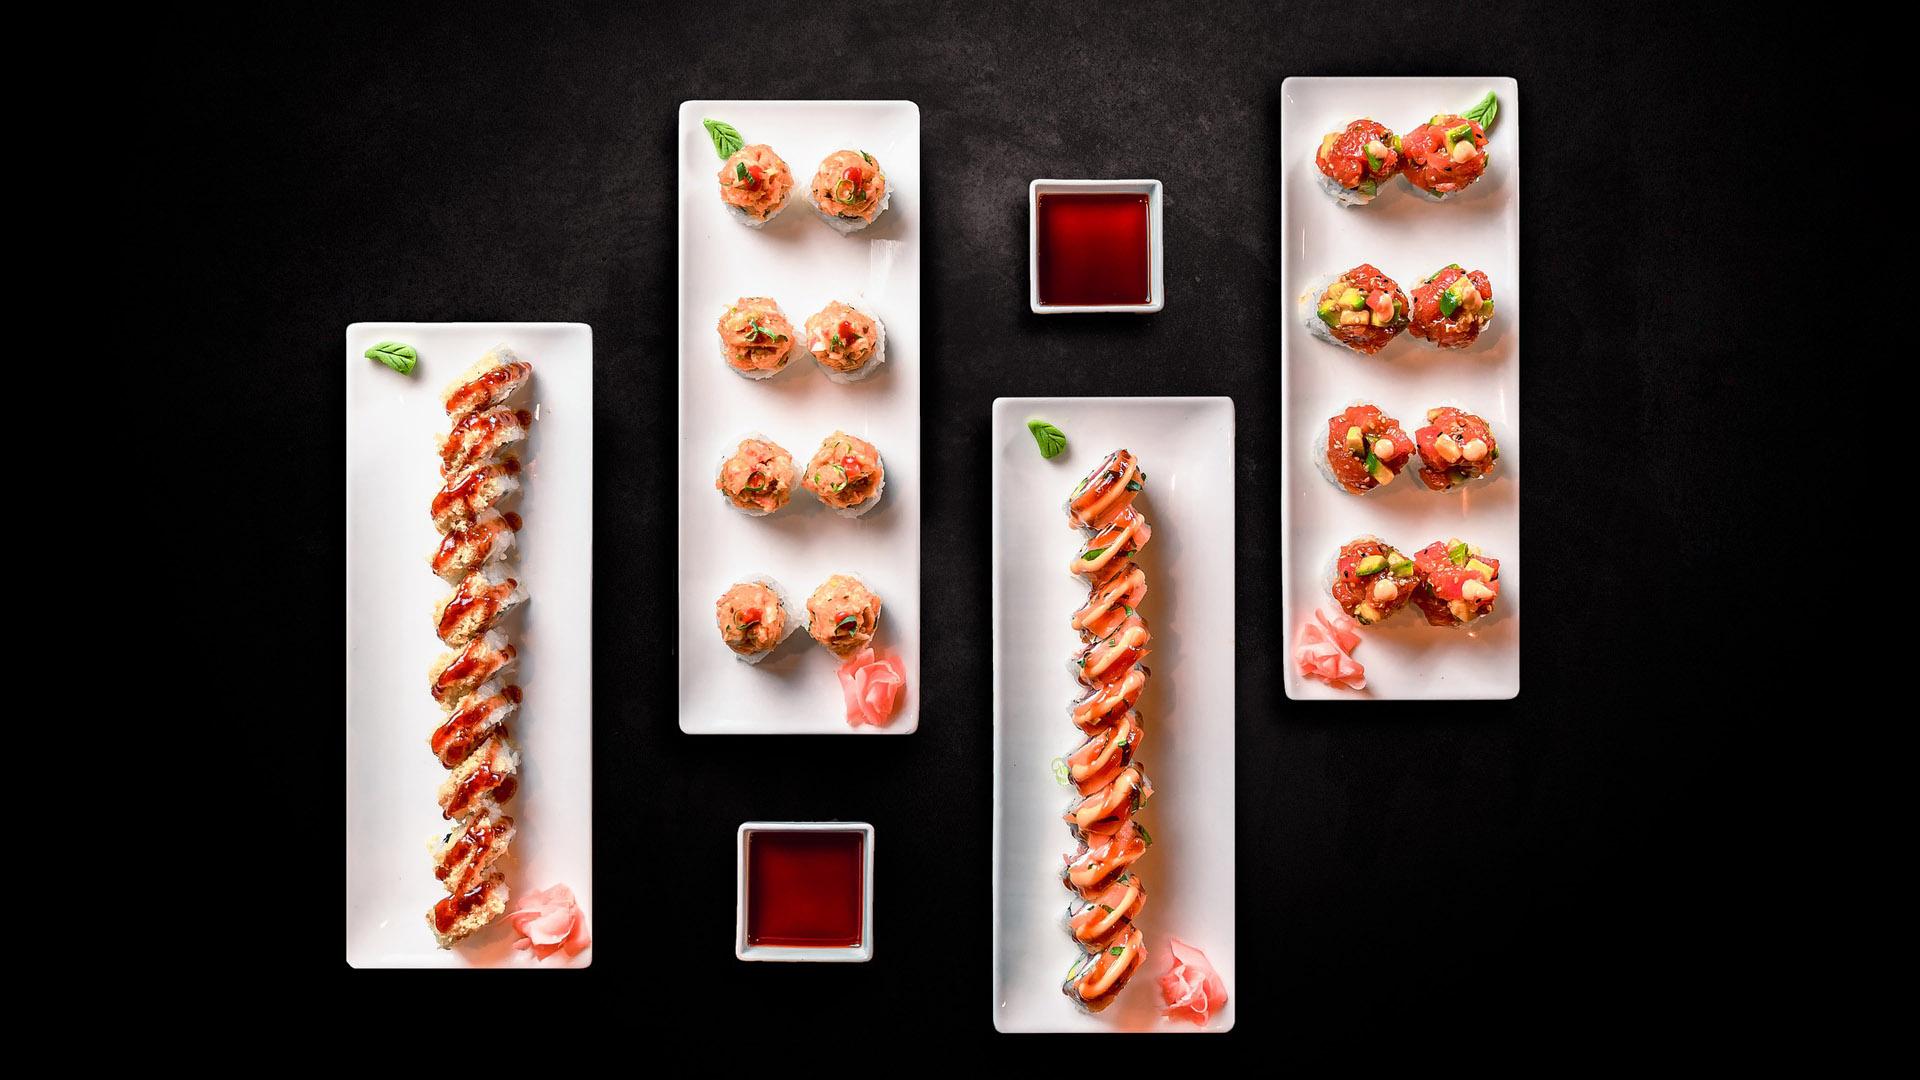 fotografía profesional de un plato de sushi